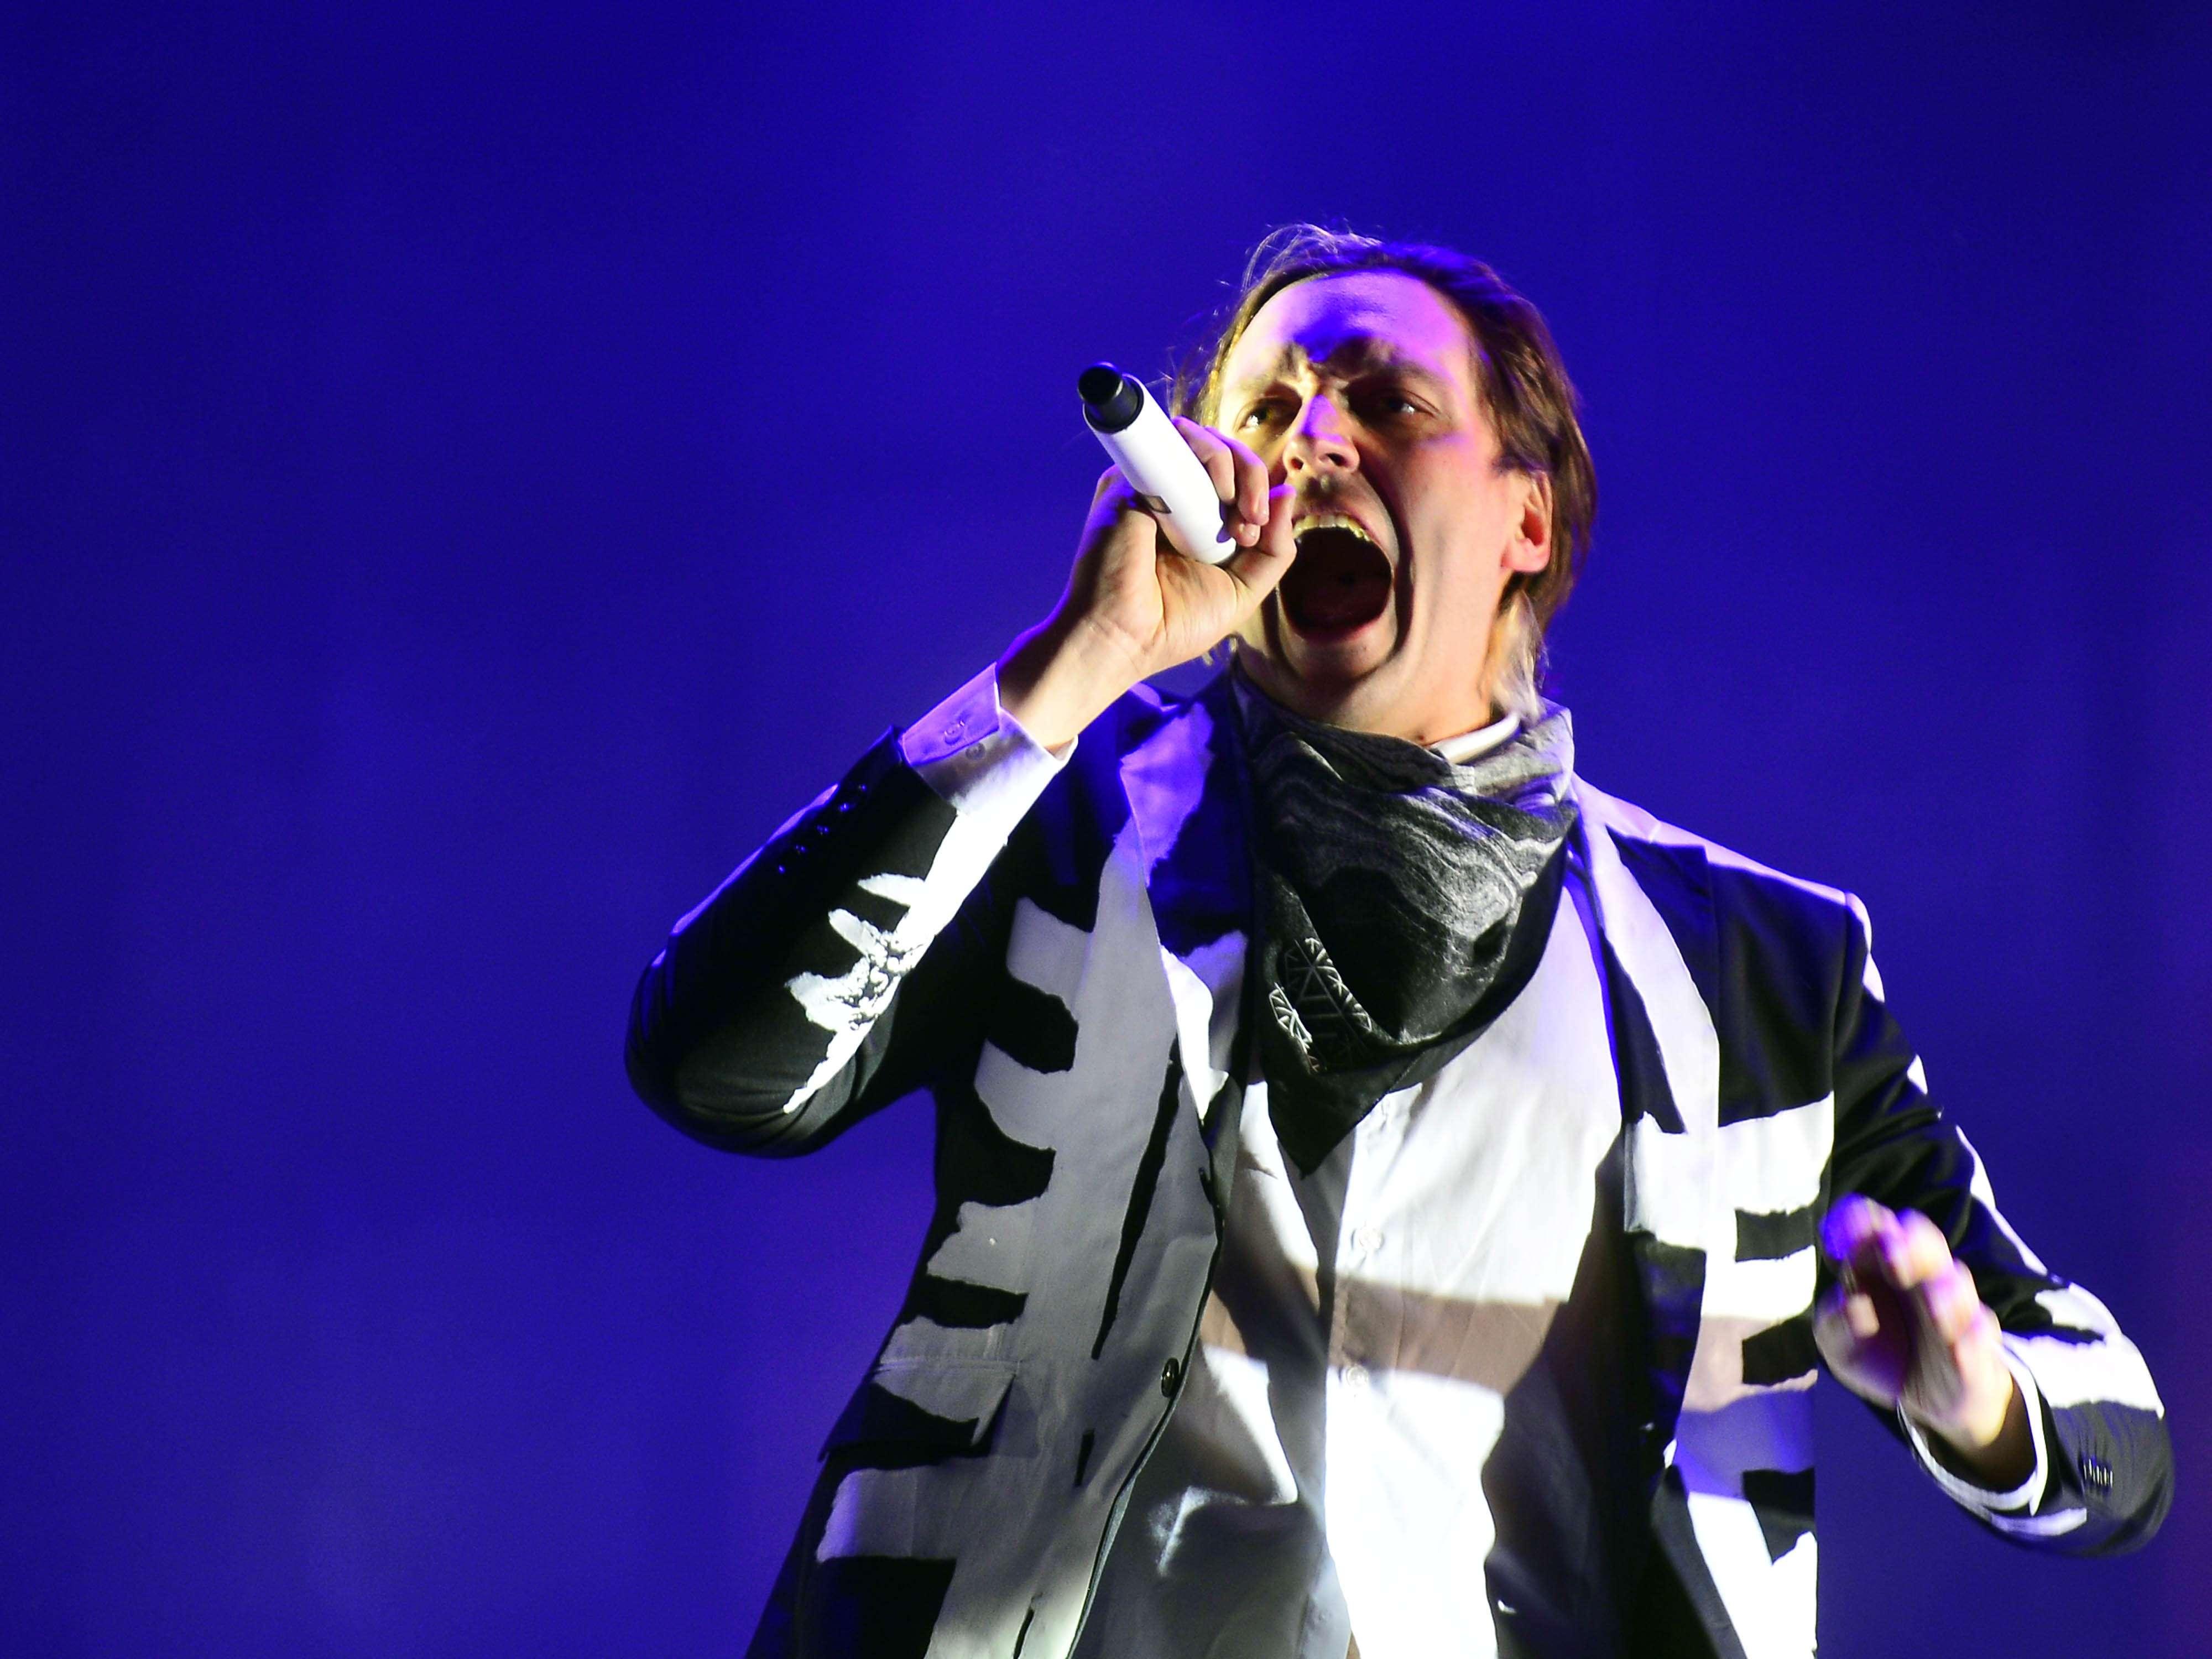 Uma das grandes atrações da noite, a banda canadense Arcade Fire se apresentou no domingo (06) no Lollapalooza 2014 Foto: Alan Morici/Terra